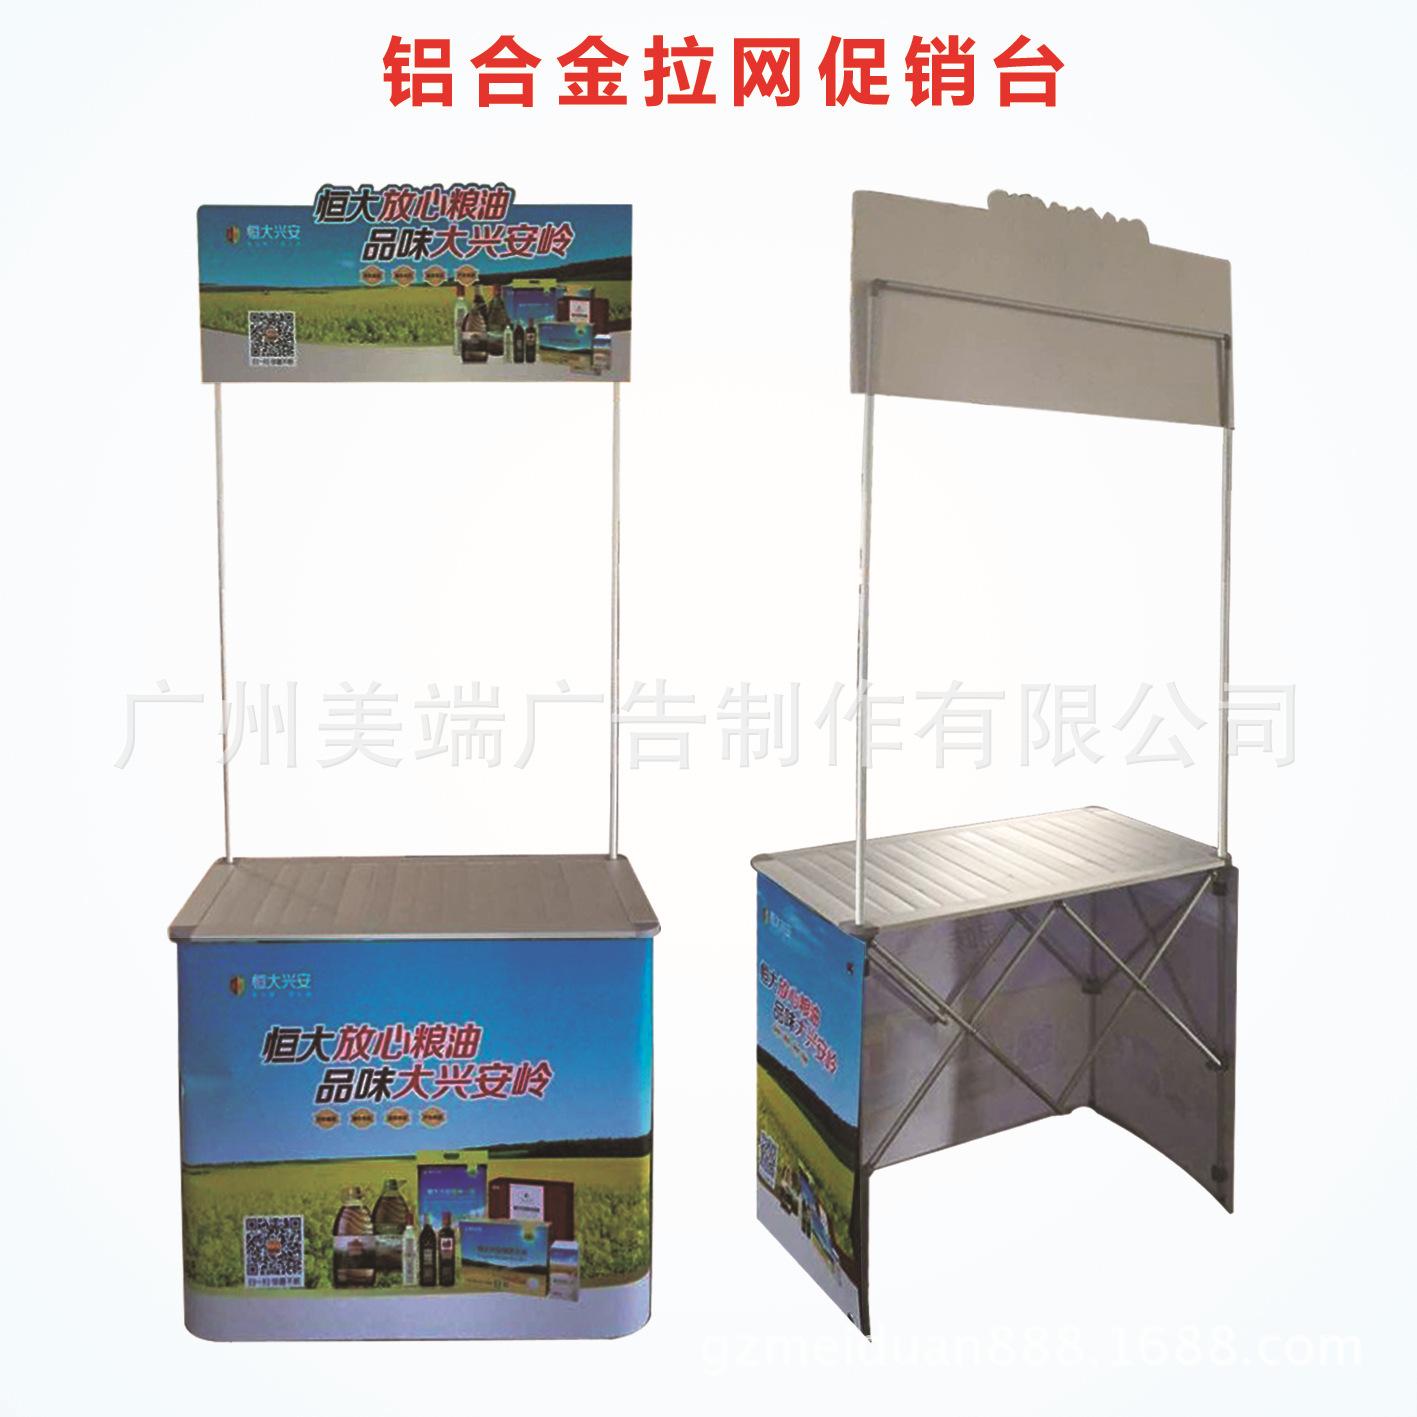 大量供应铝合金拉网促销台 美端广告 银色 机加工 产品展示广告宣传